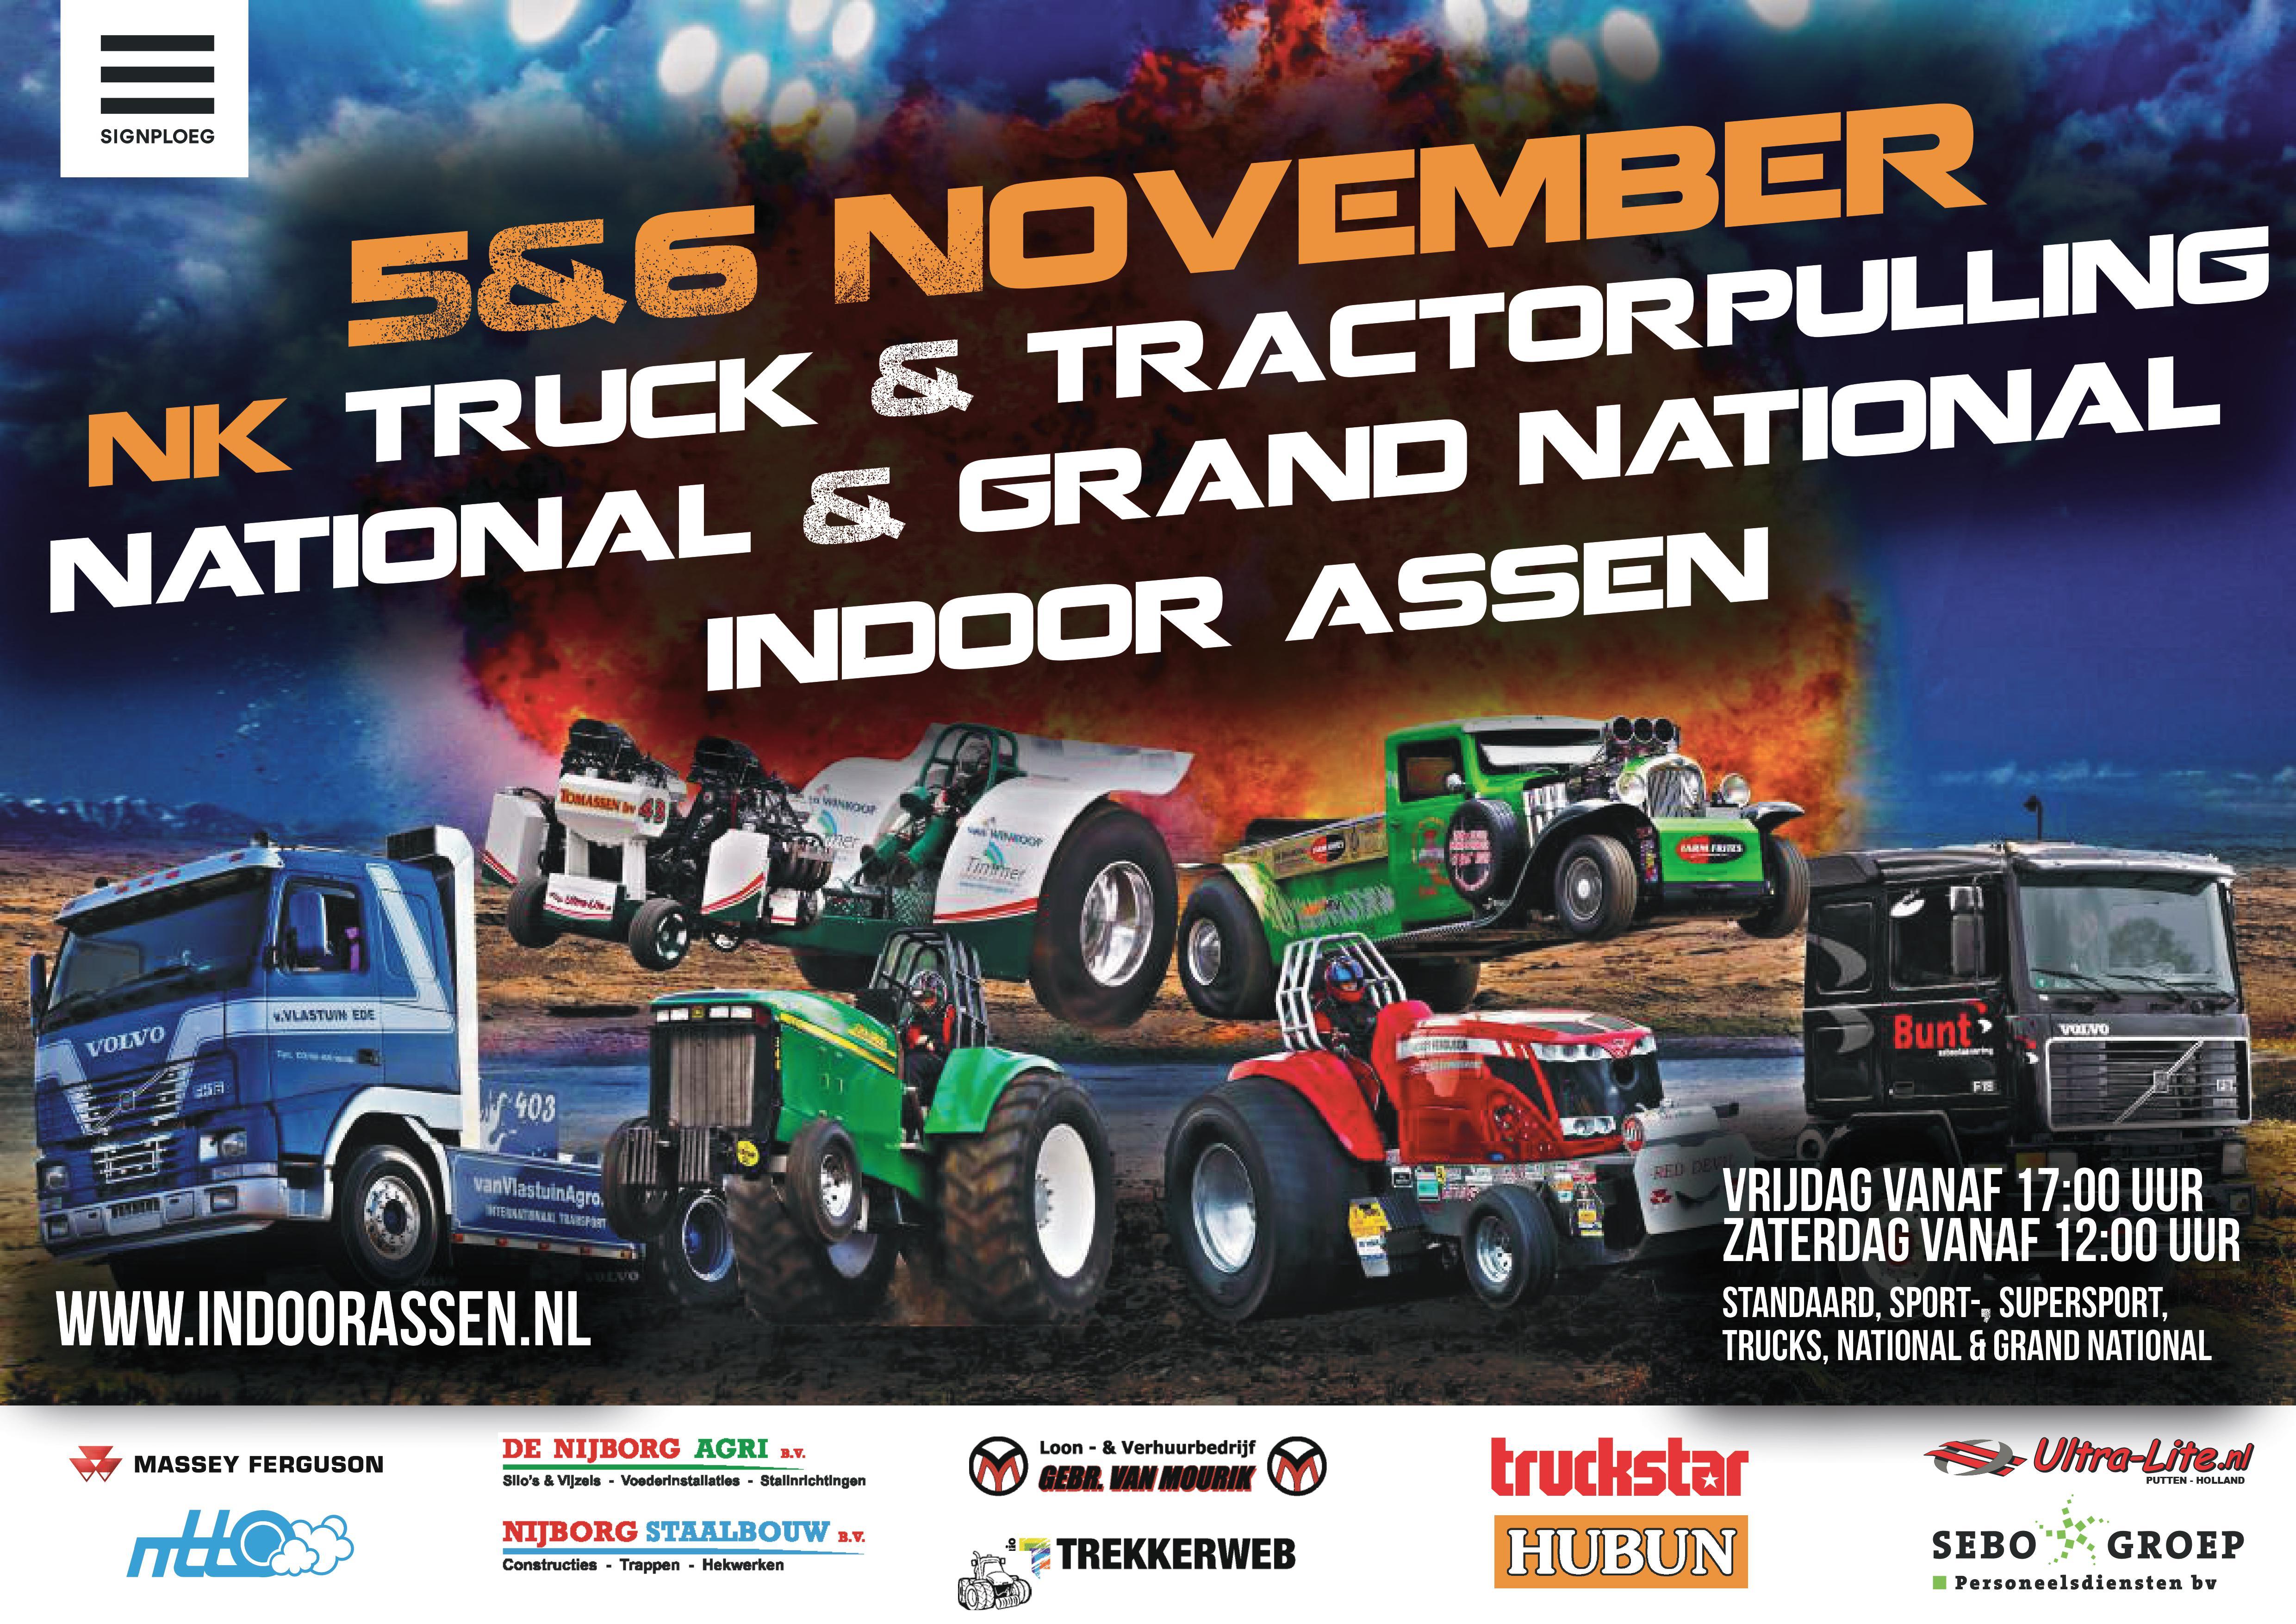 Truck & Tractorpulling Indoor Assen